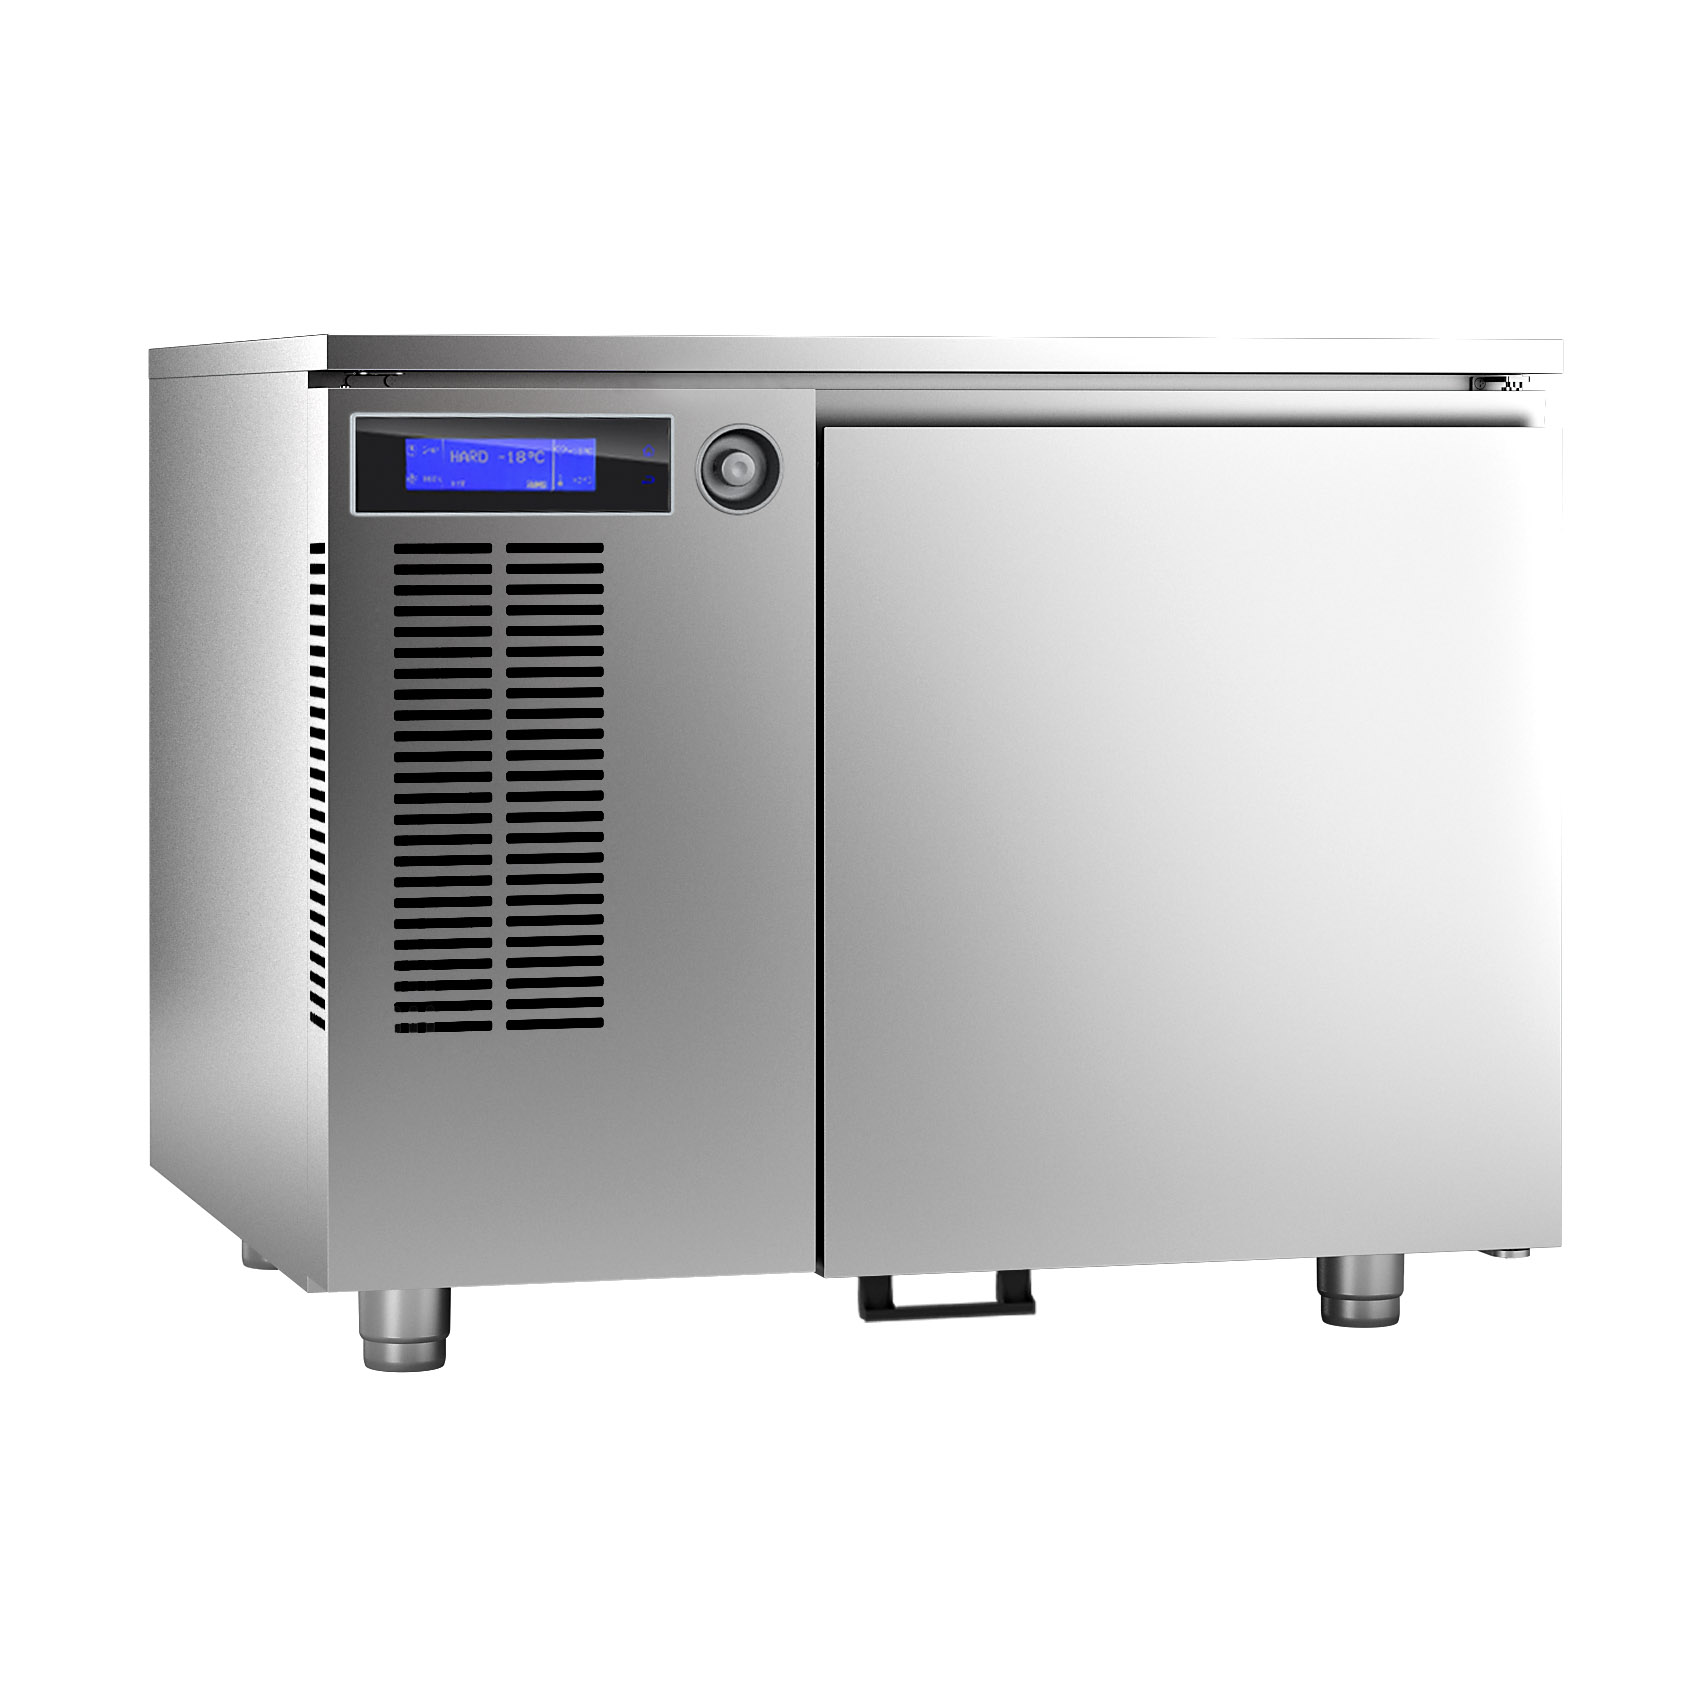 Sagi-Oven-Shock-Chiller-Supplier-UAE